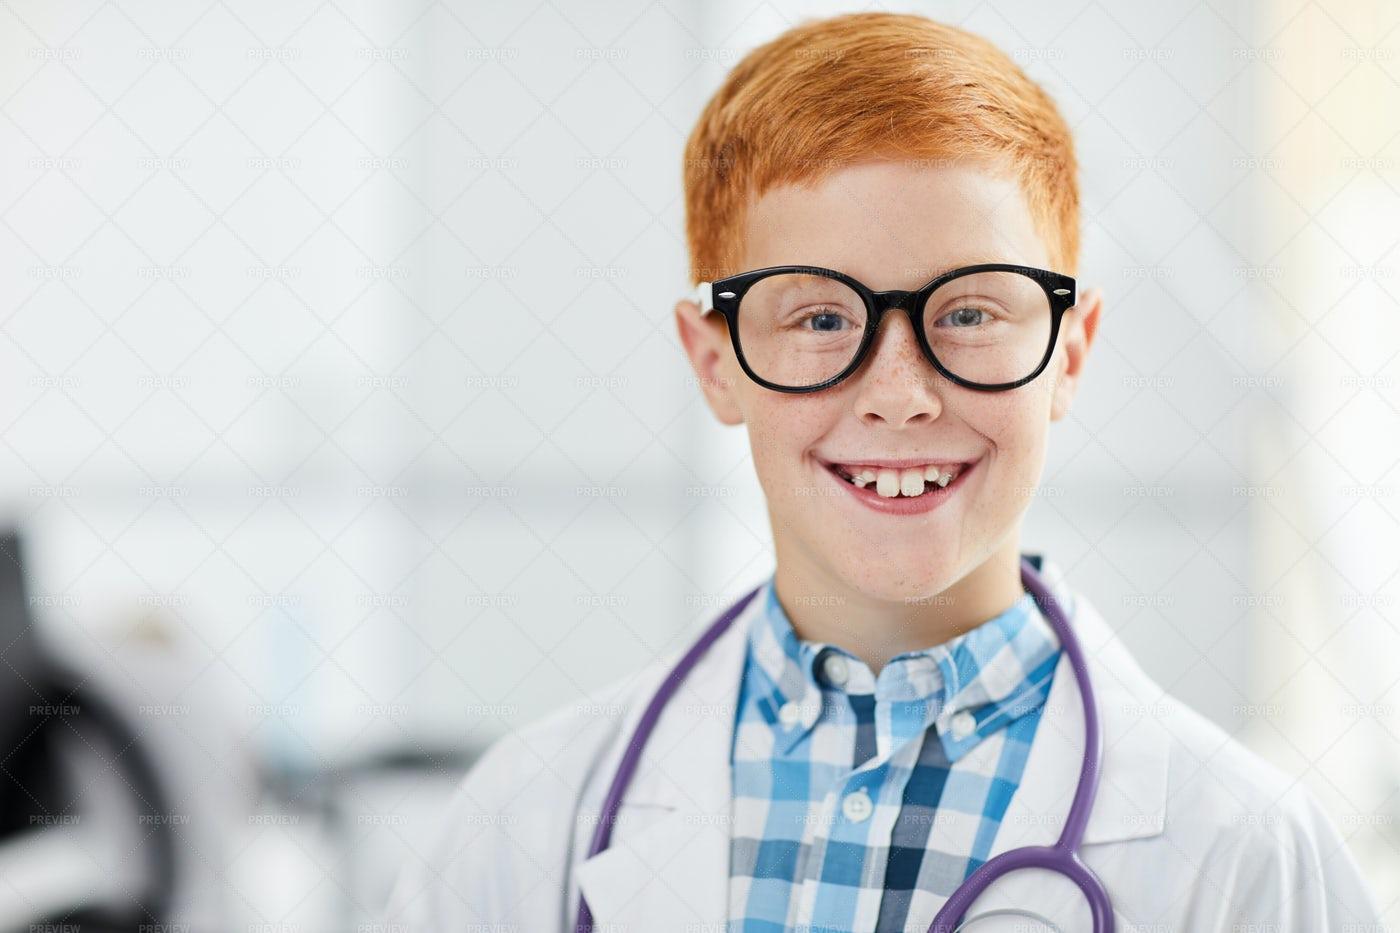 Smiling Little Boy Posing As Doctor: Stock Photos